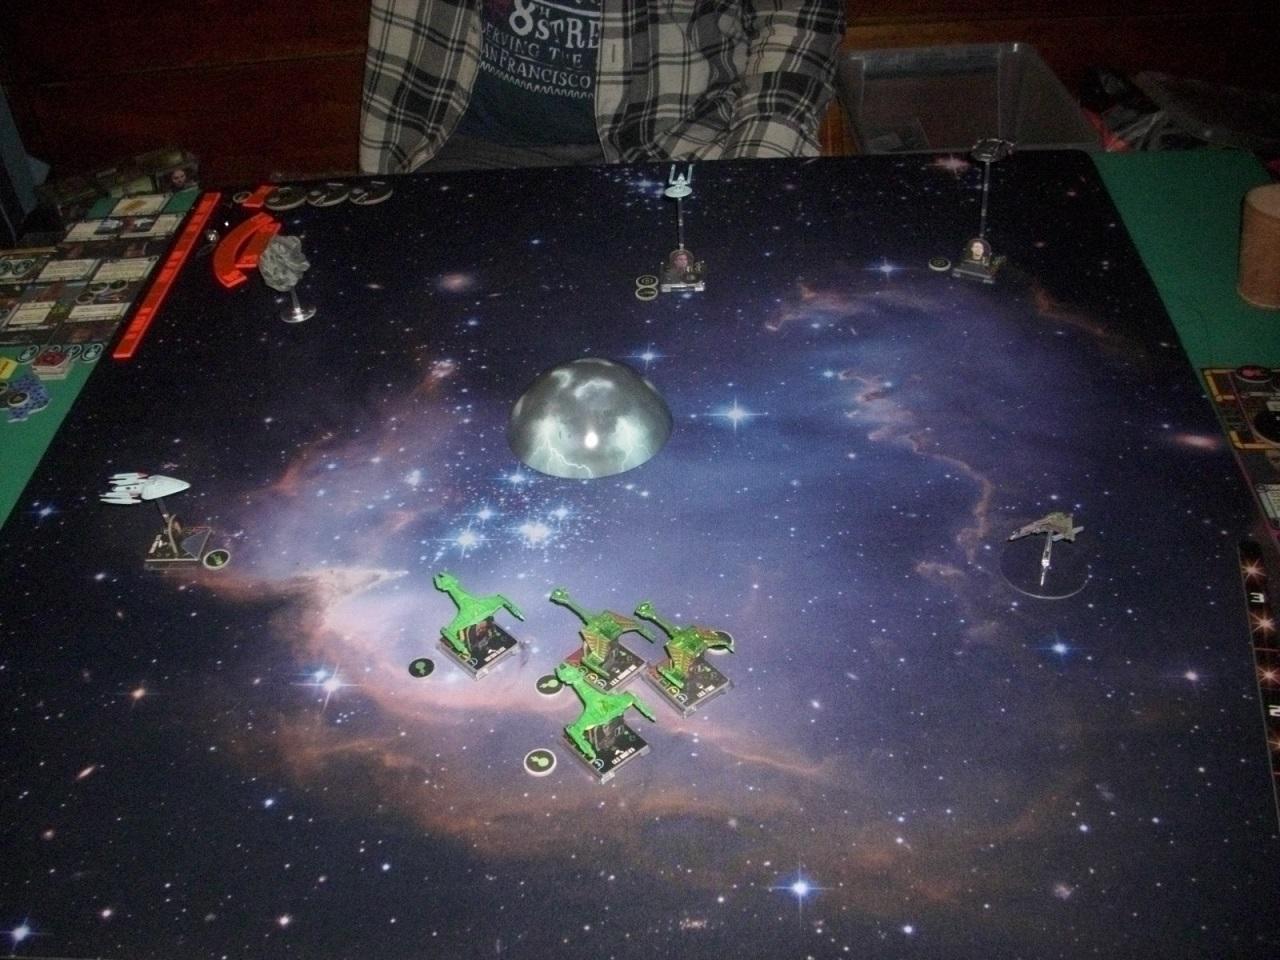 Organia ... Überfall der Föderation auf das klingonische Reich D75r78px6zbs8z1wq